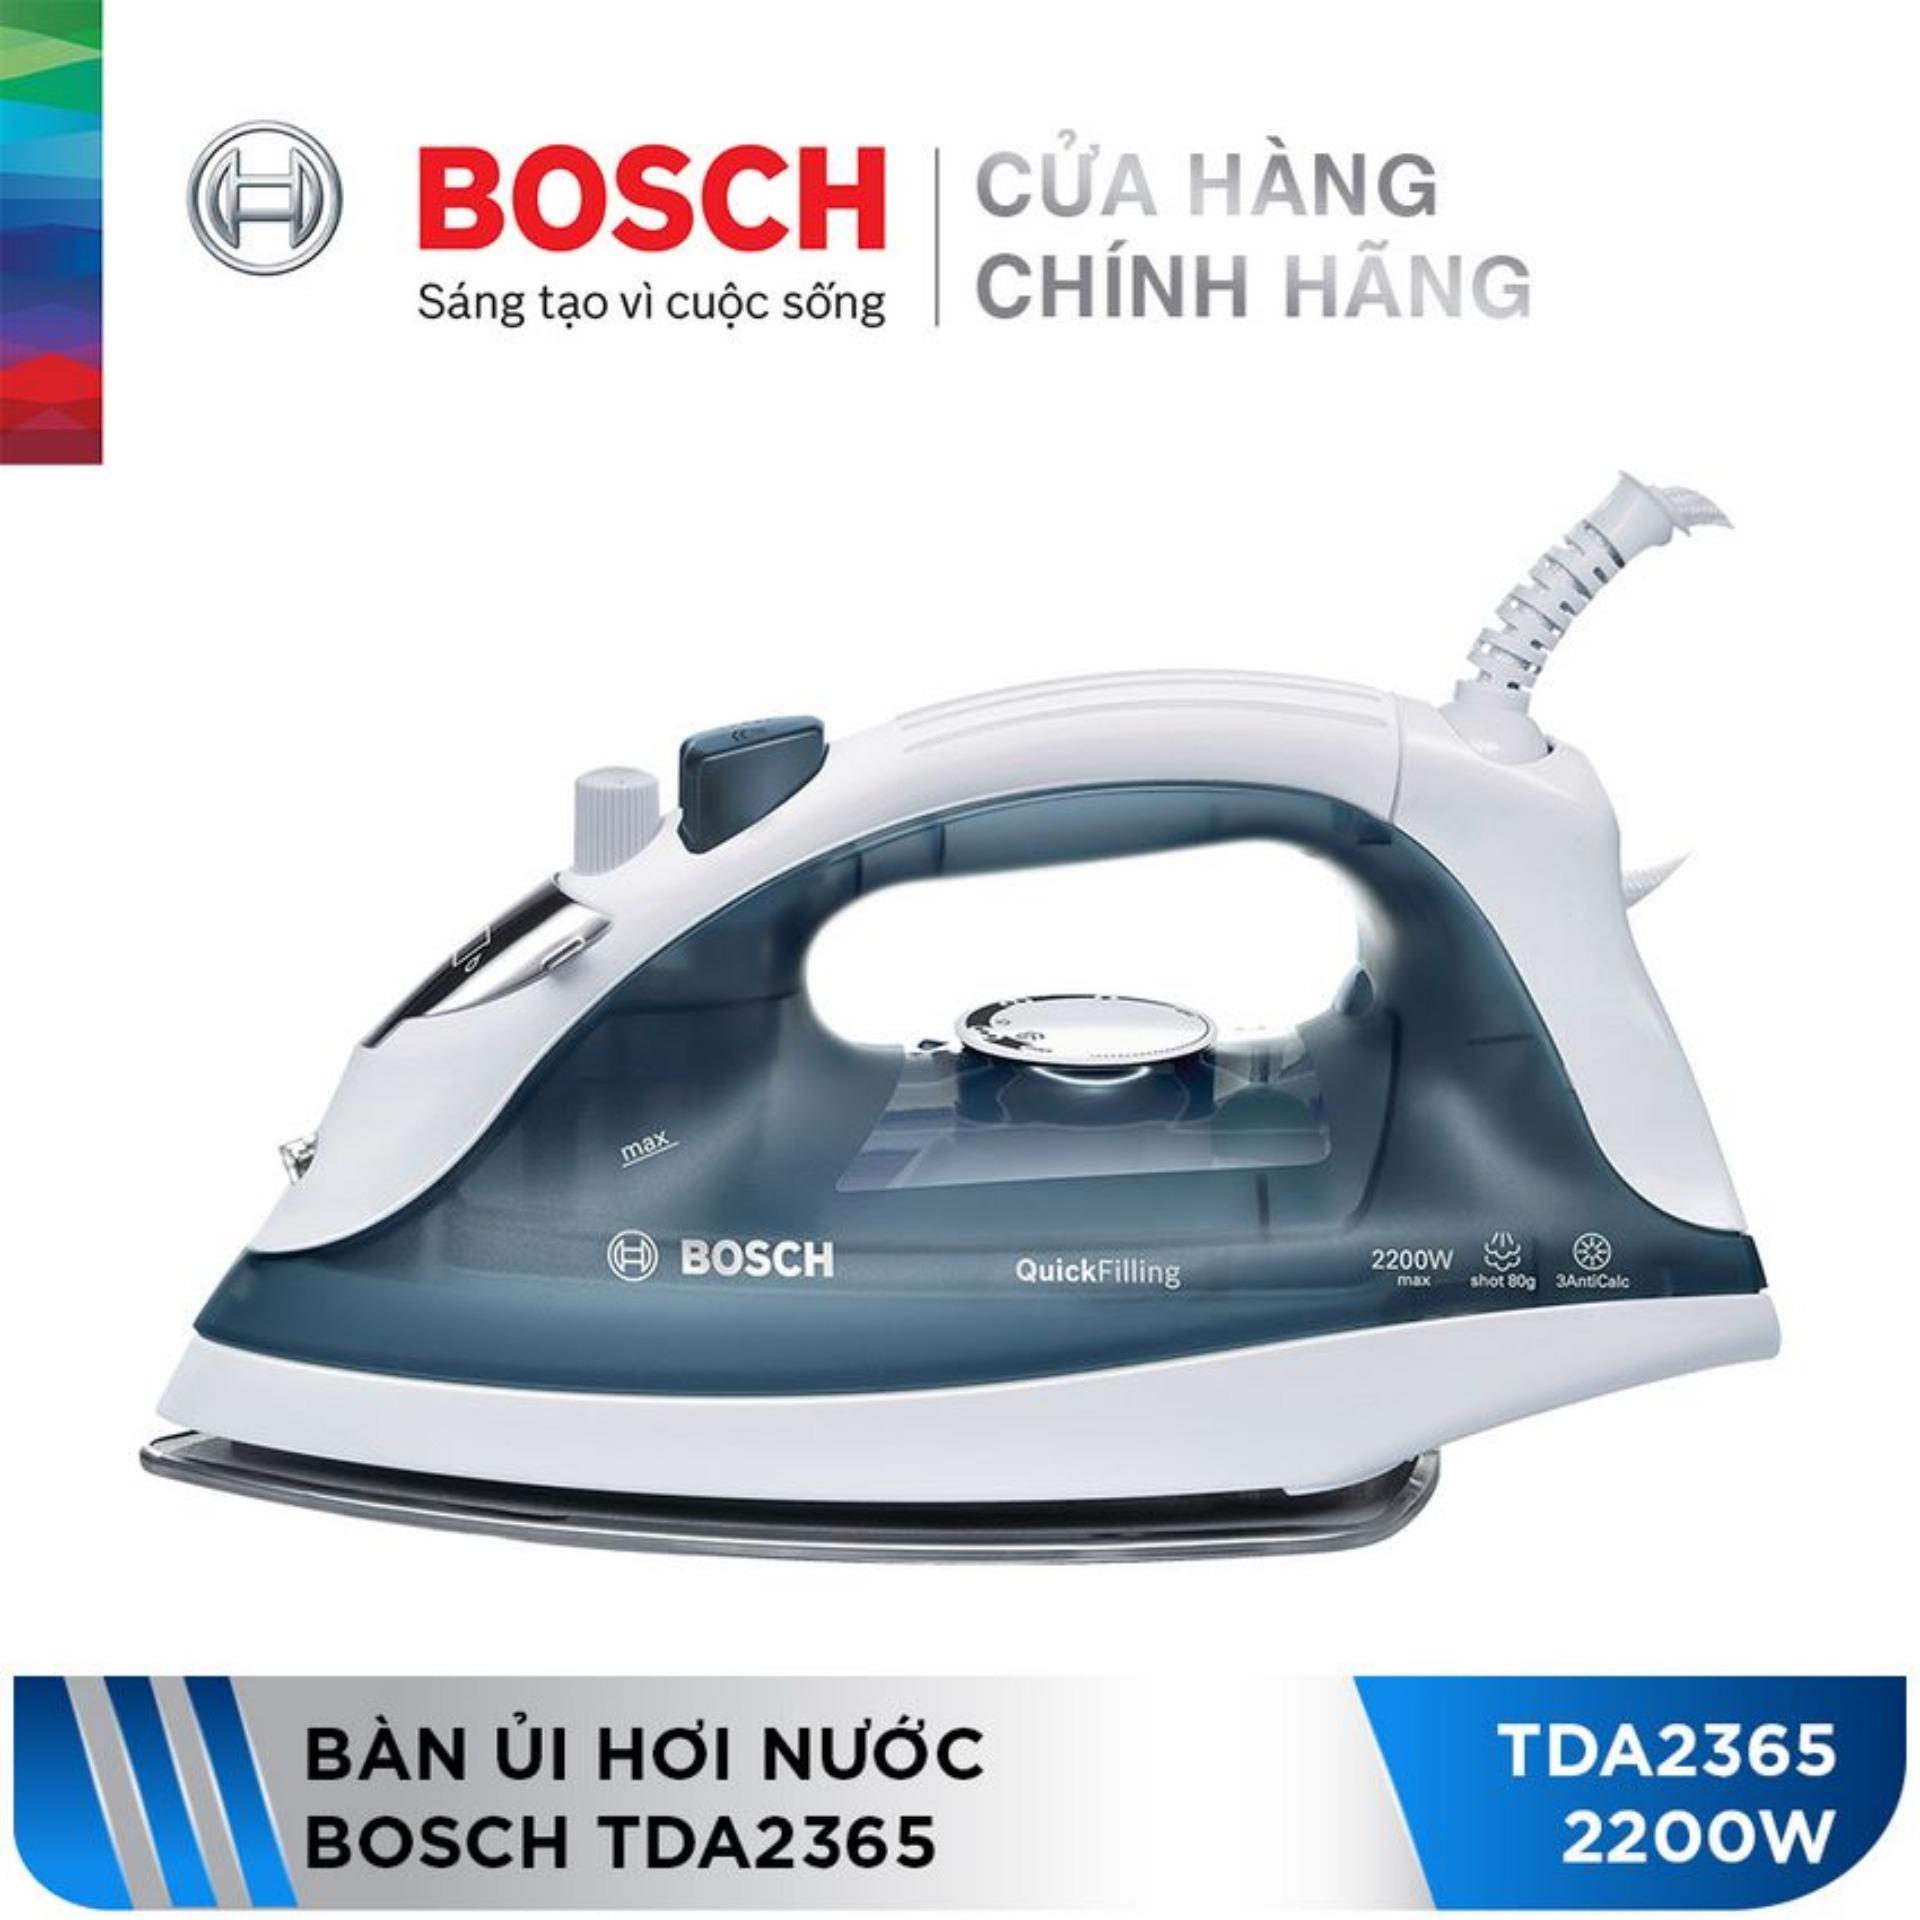 Bàn ủi hơi nước Bosch TDA2365 (2200W)